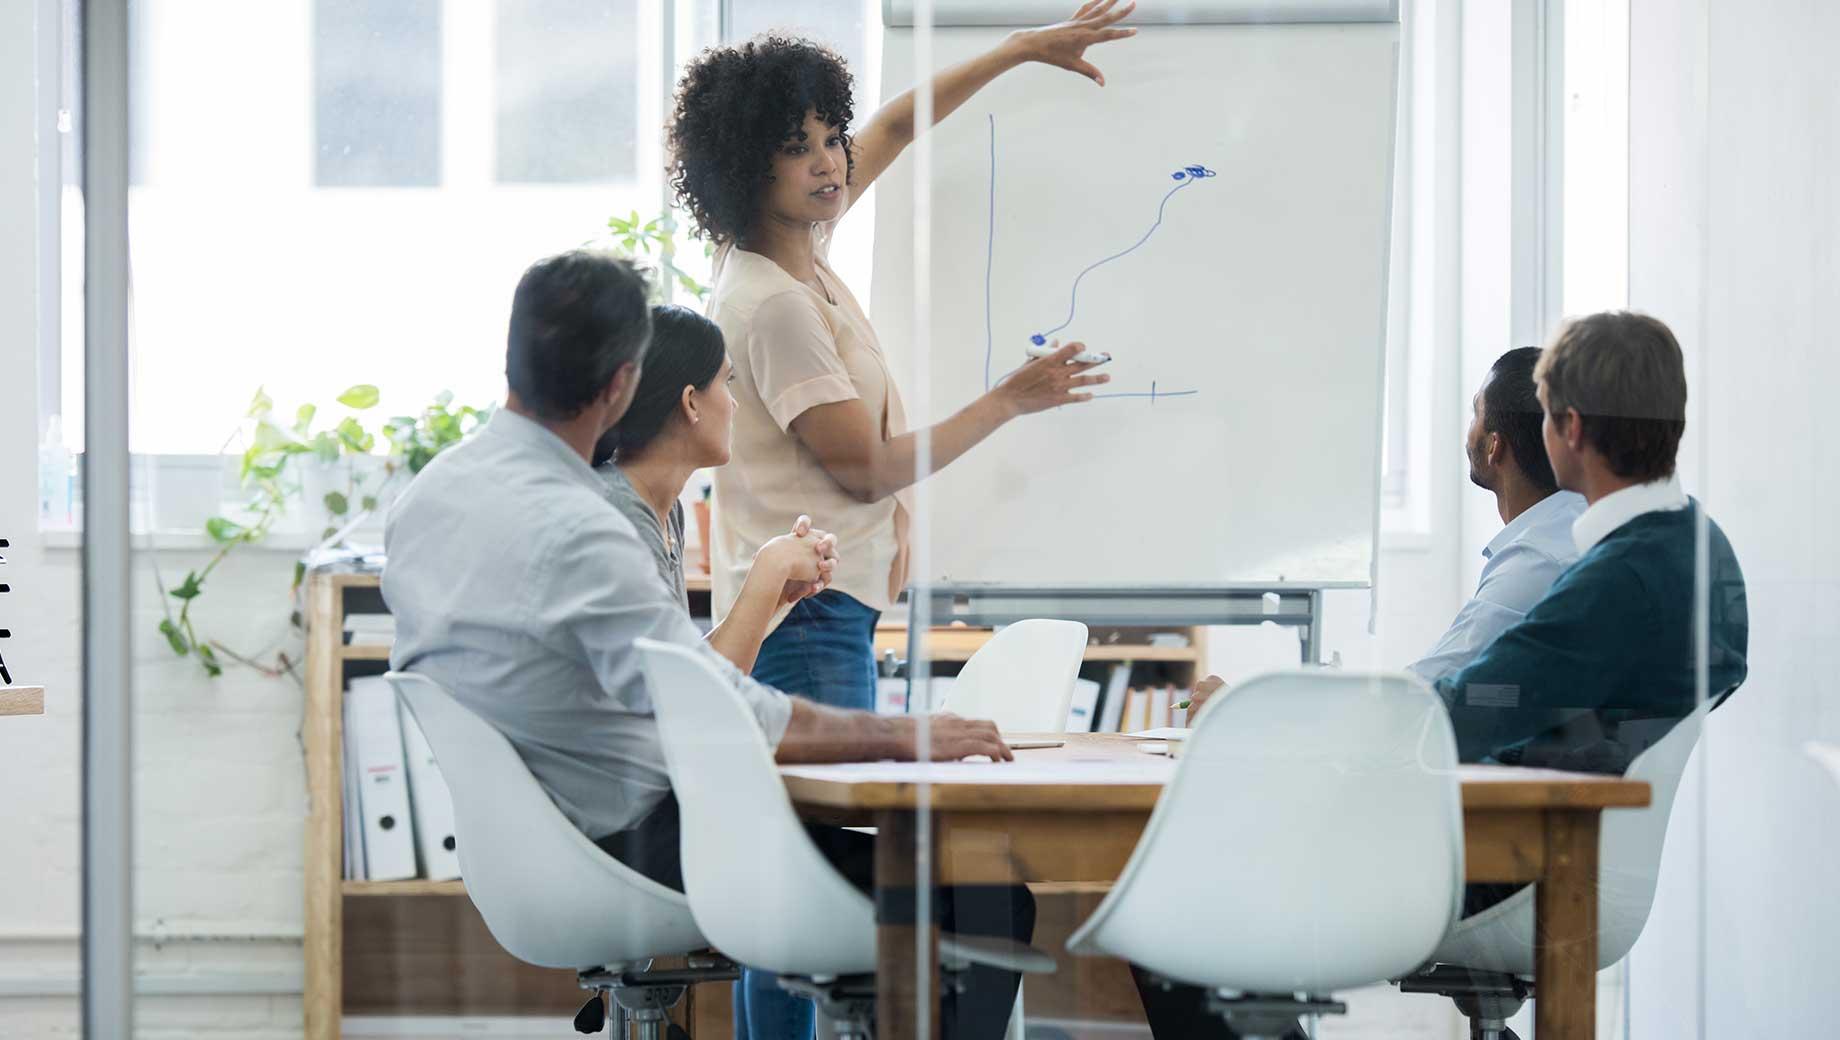 Tiếng Anh được ứng dụng phổ biến trong các hoạt động tại môi trường công sở hiện nay